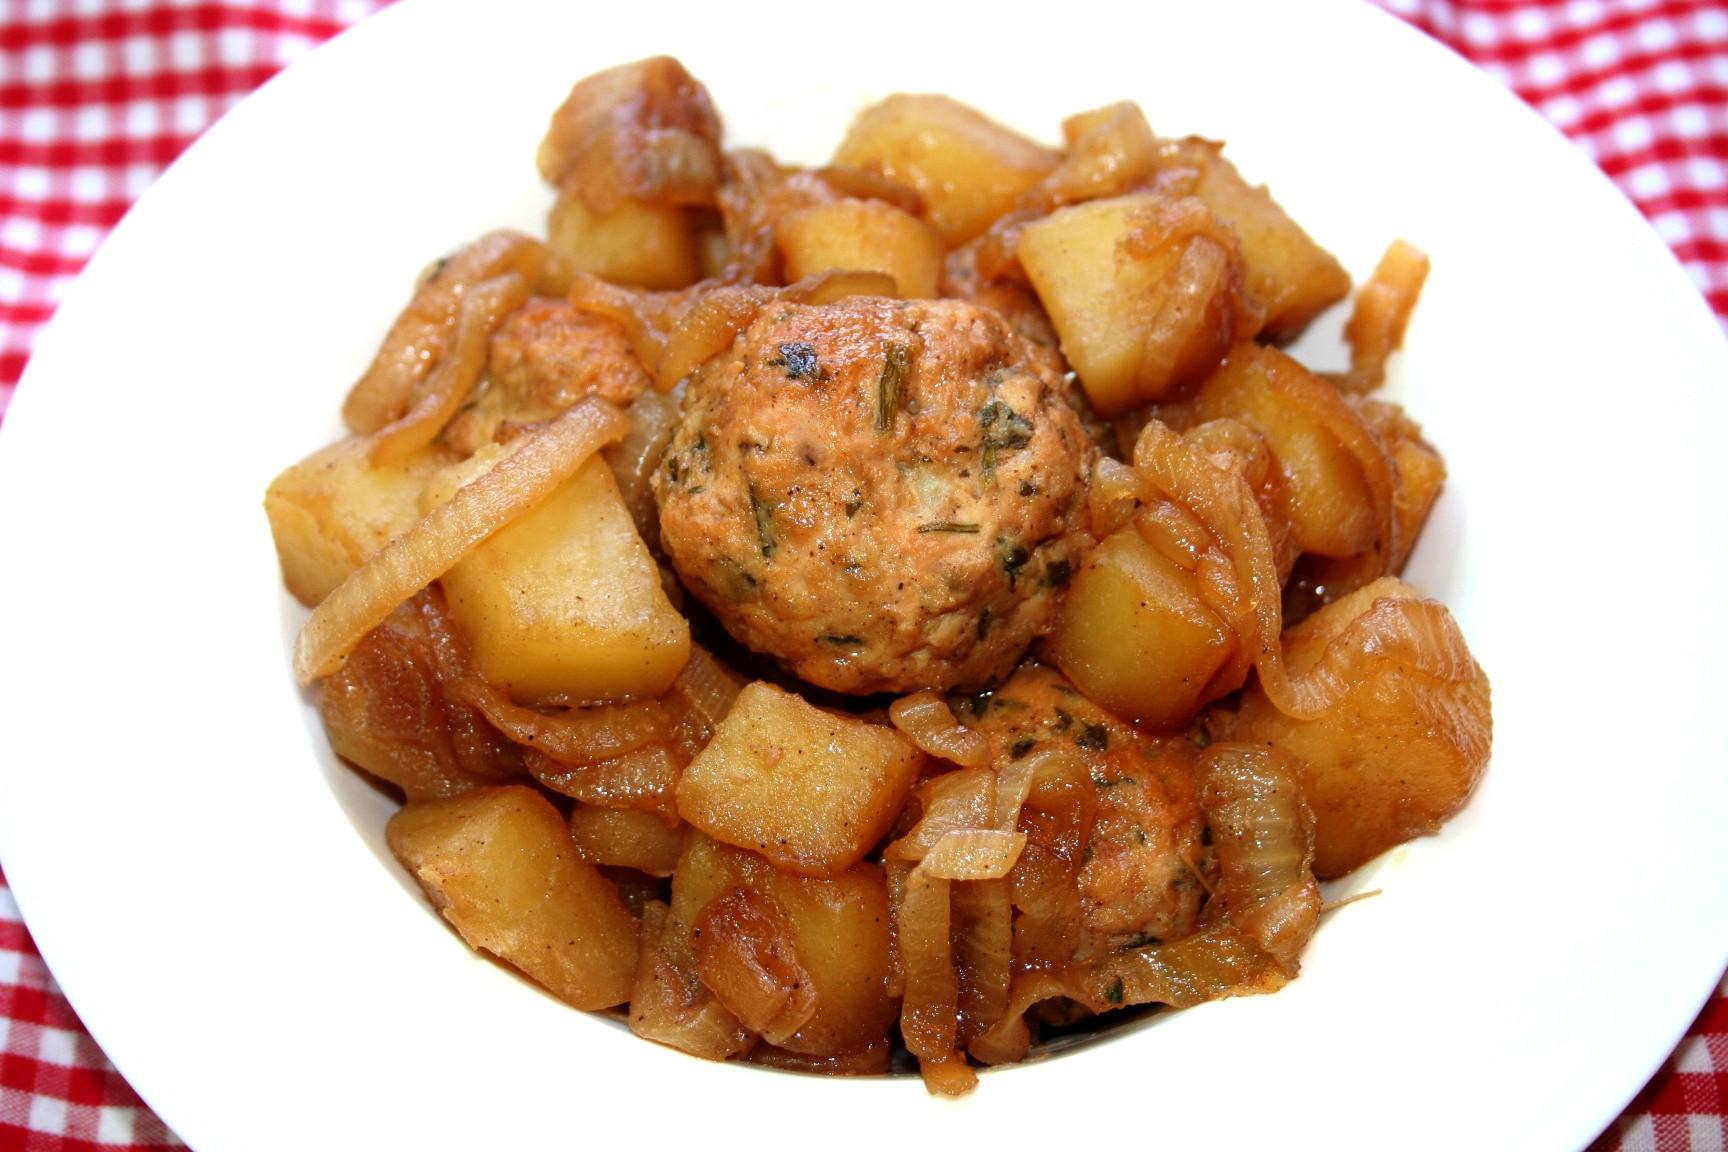 כדורי עוף ותפוחי אדמה מקורמלים